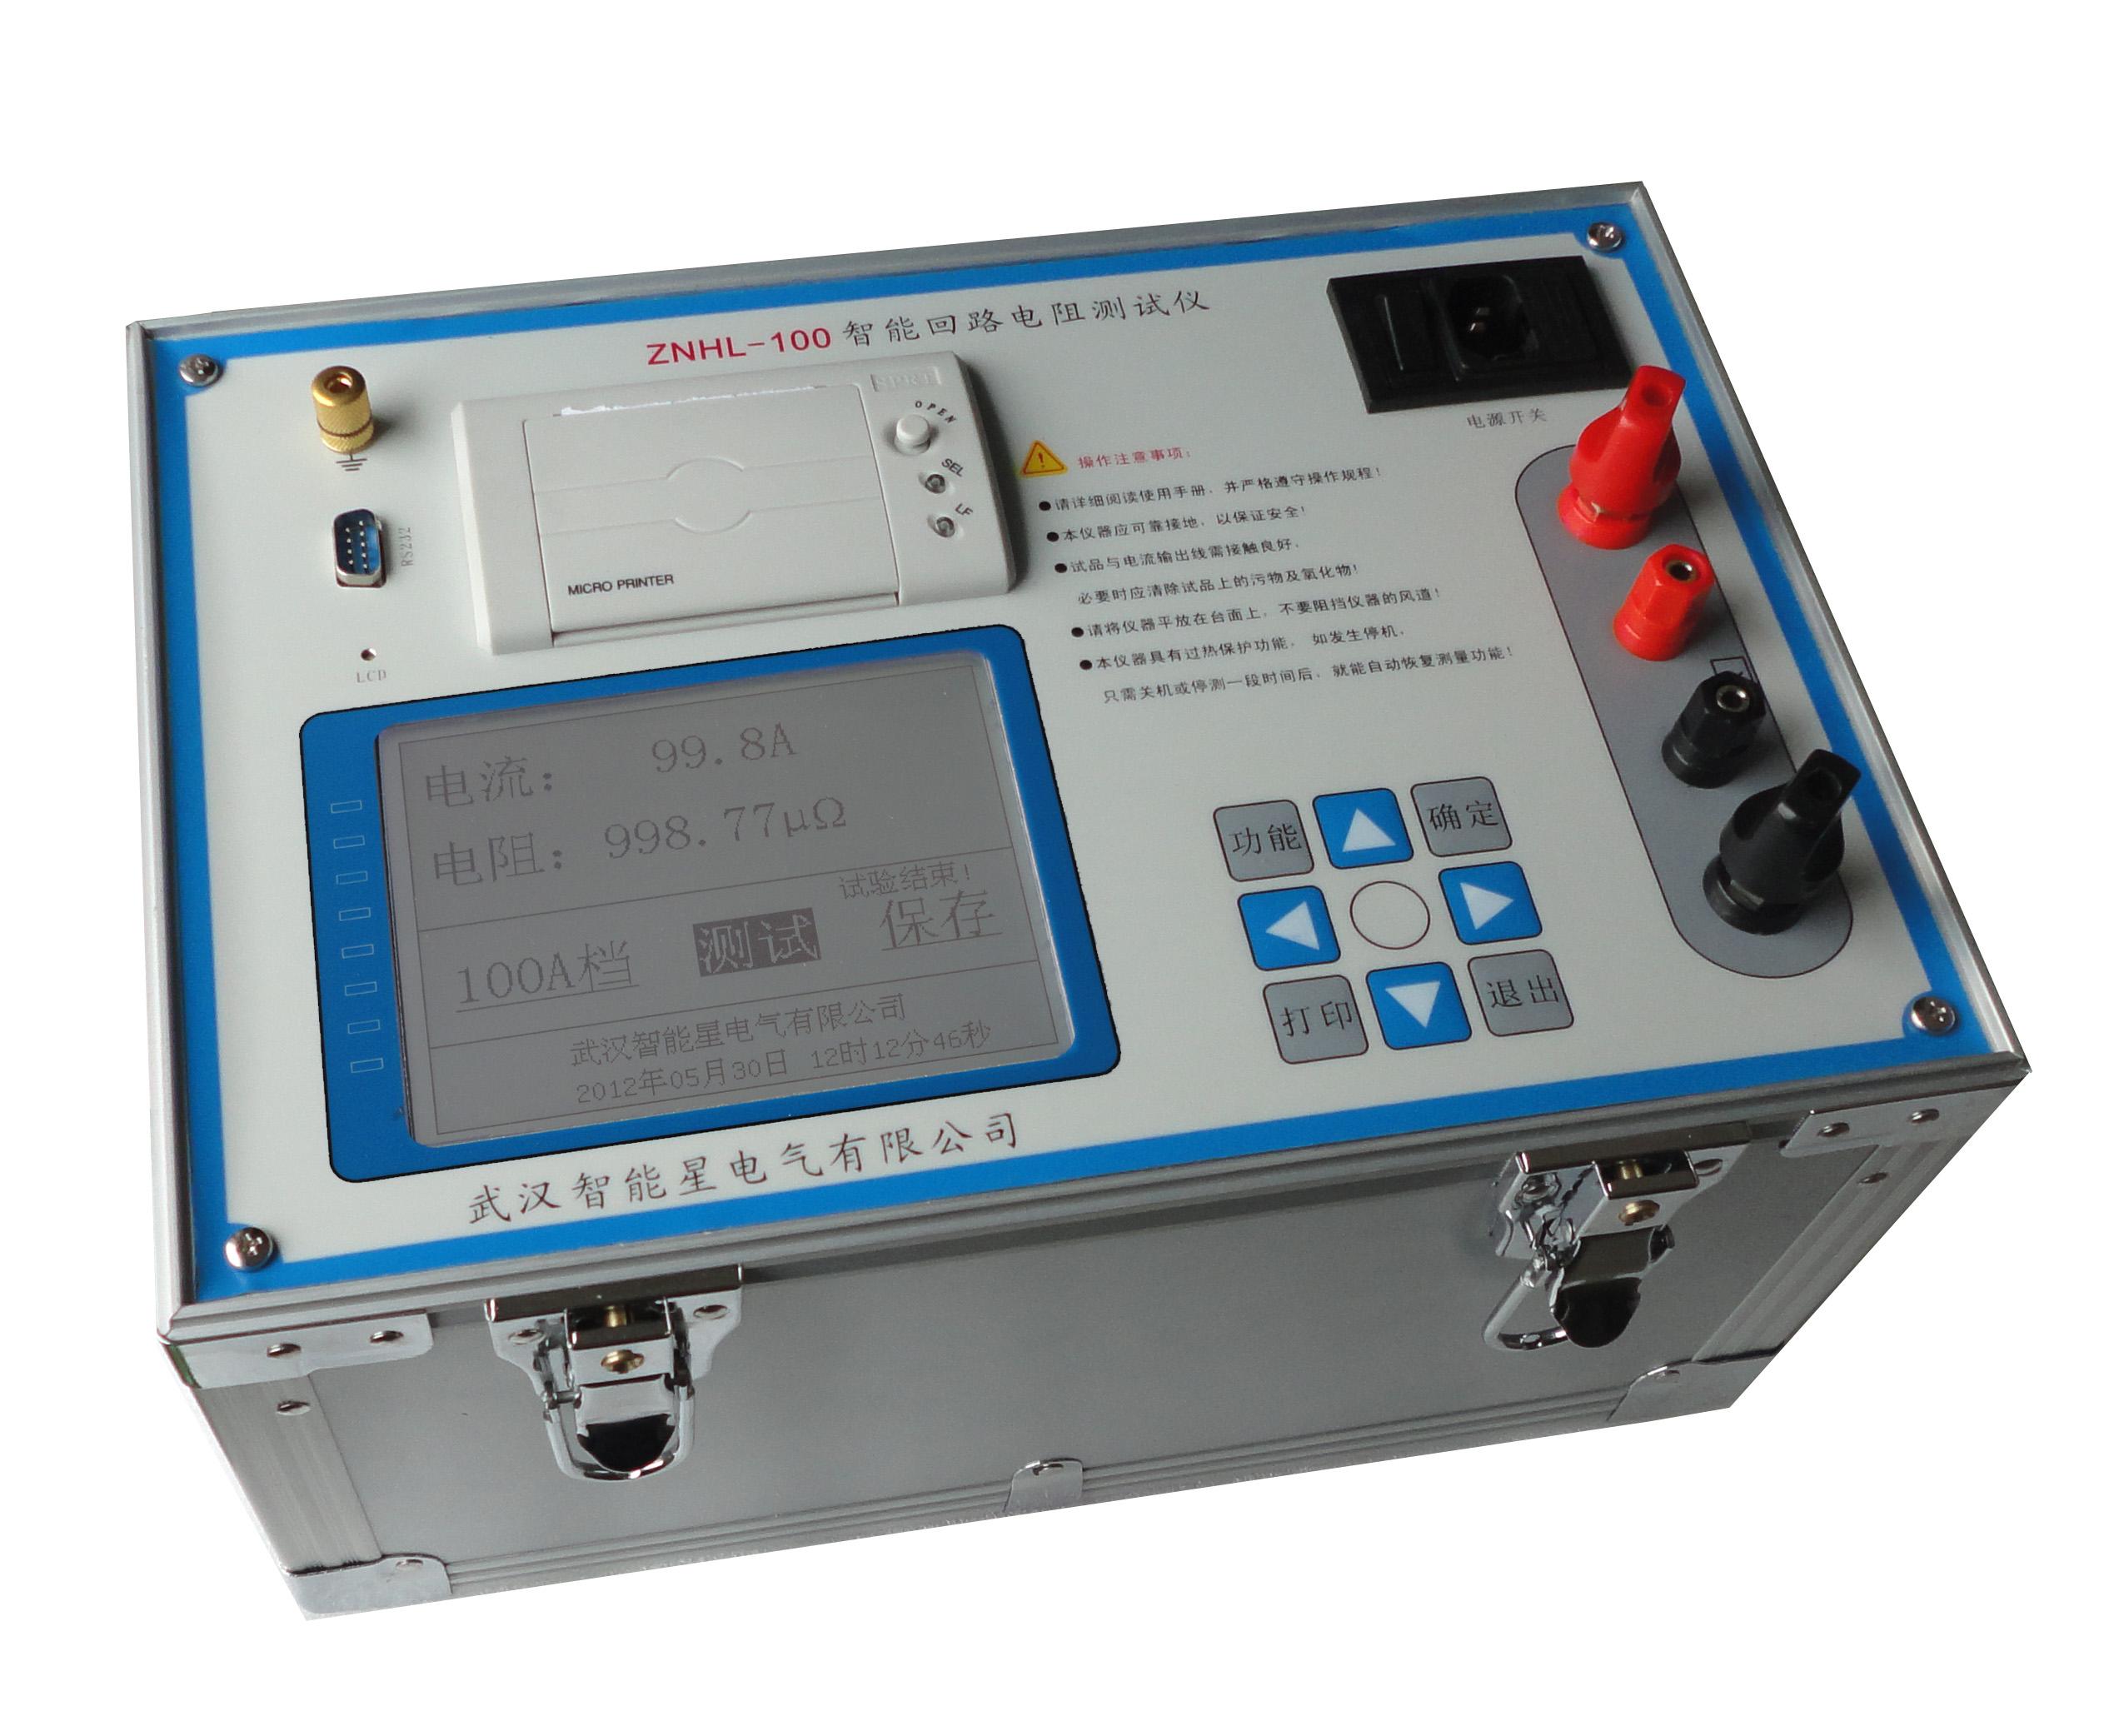 【接触回路电阻测试仪】-接触回路电阻测试仪价格-仪